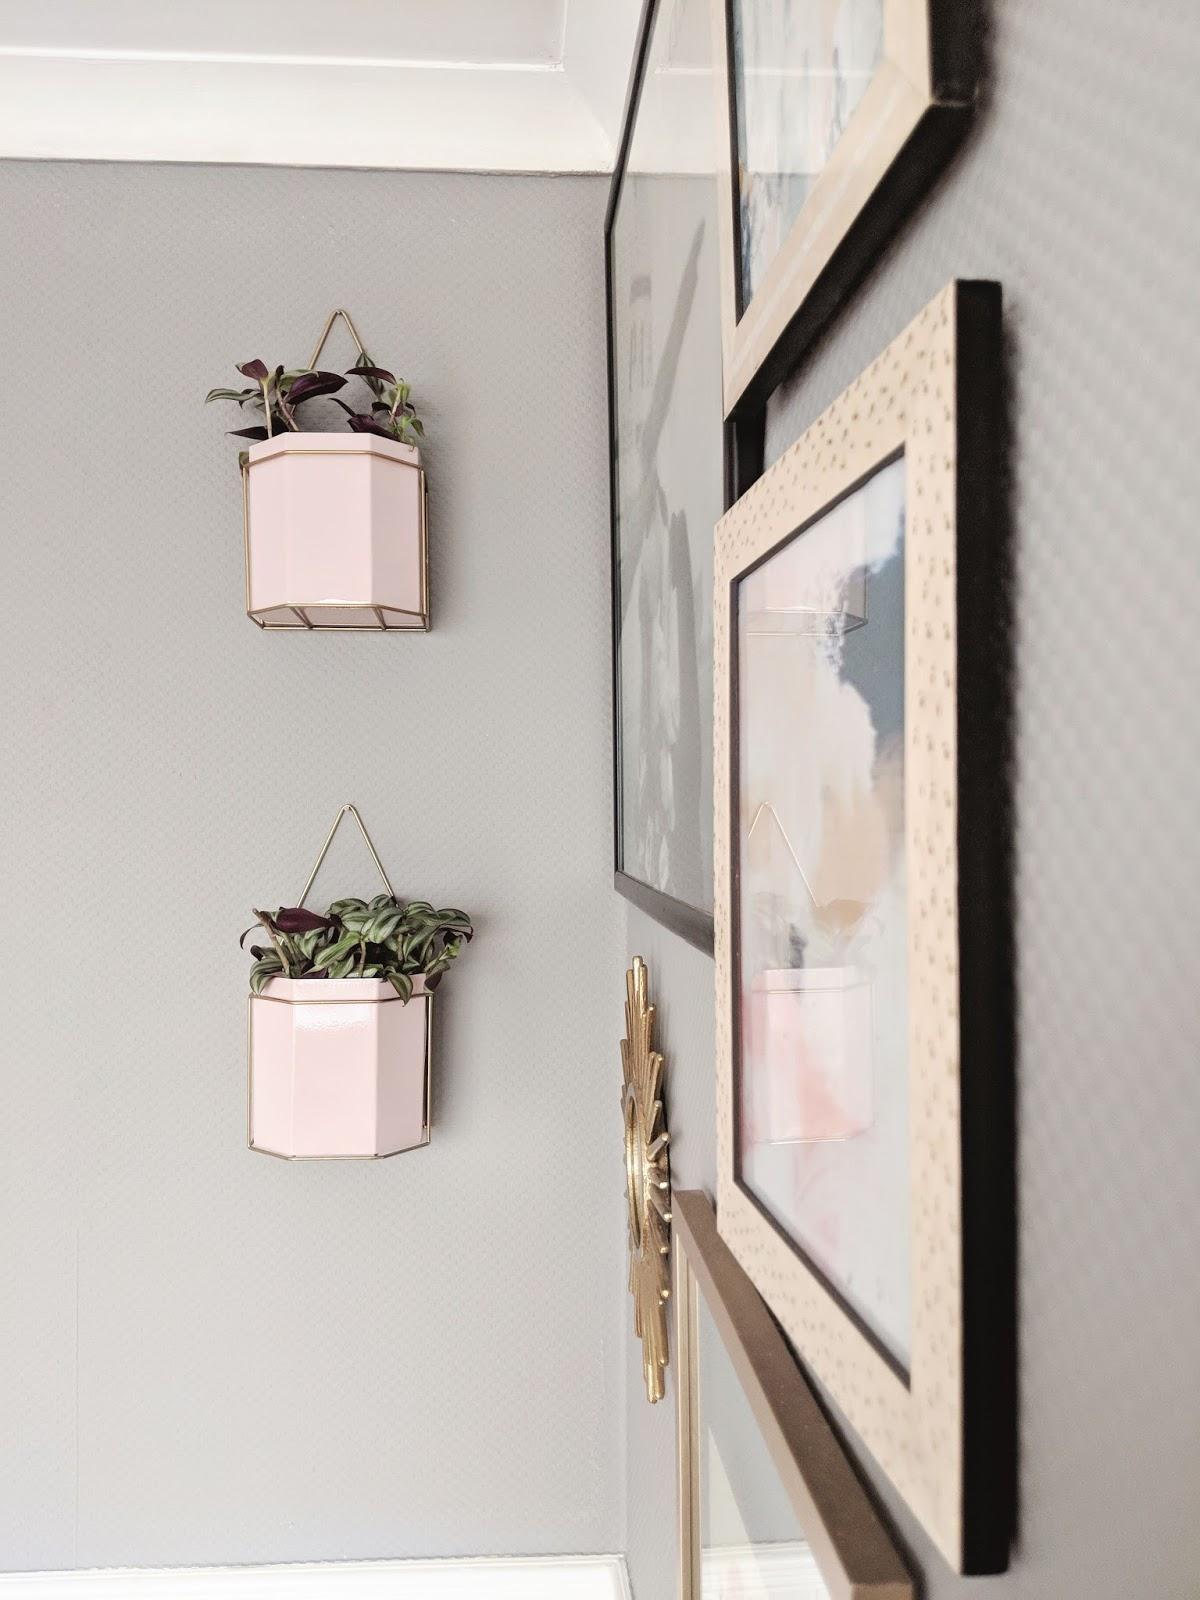 La Redoute wall planter